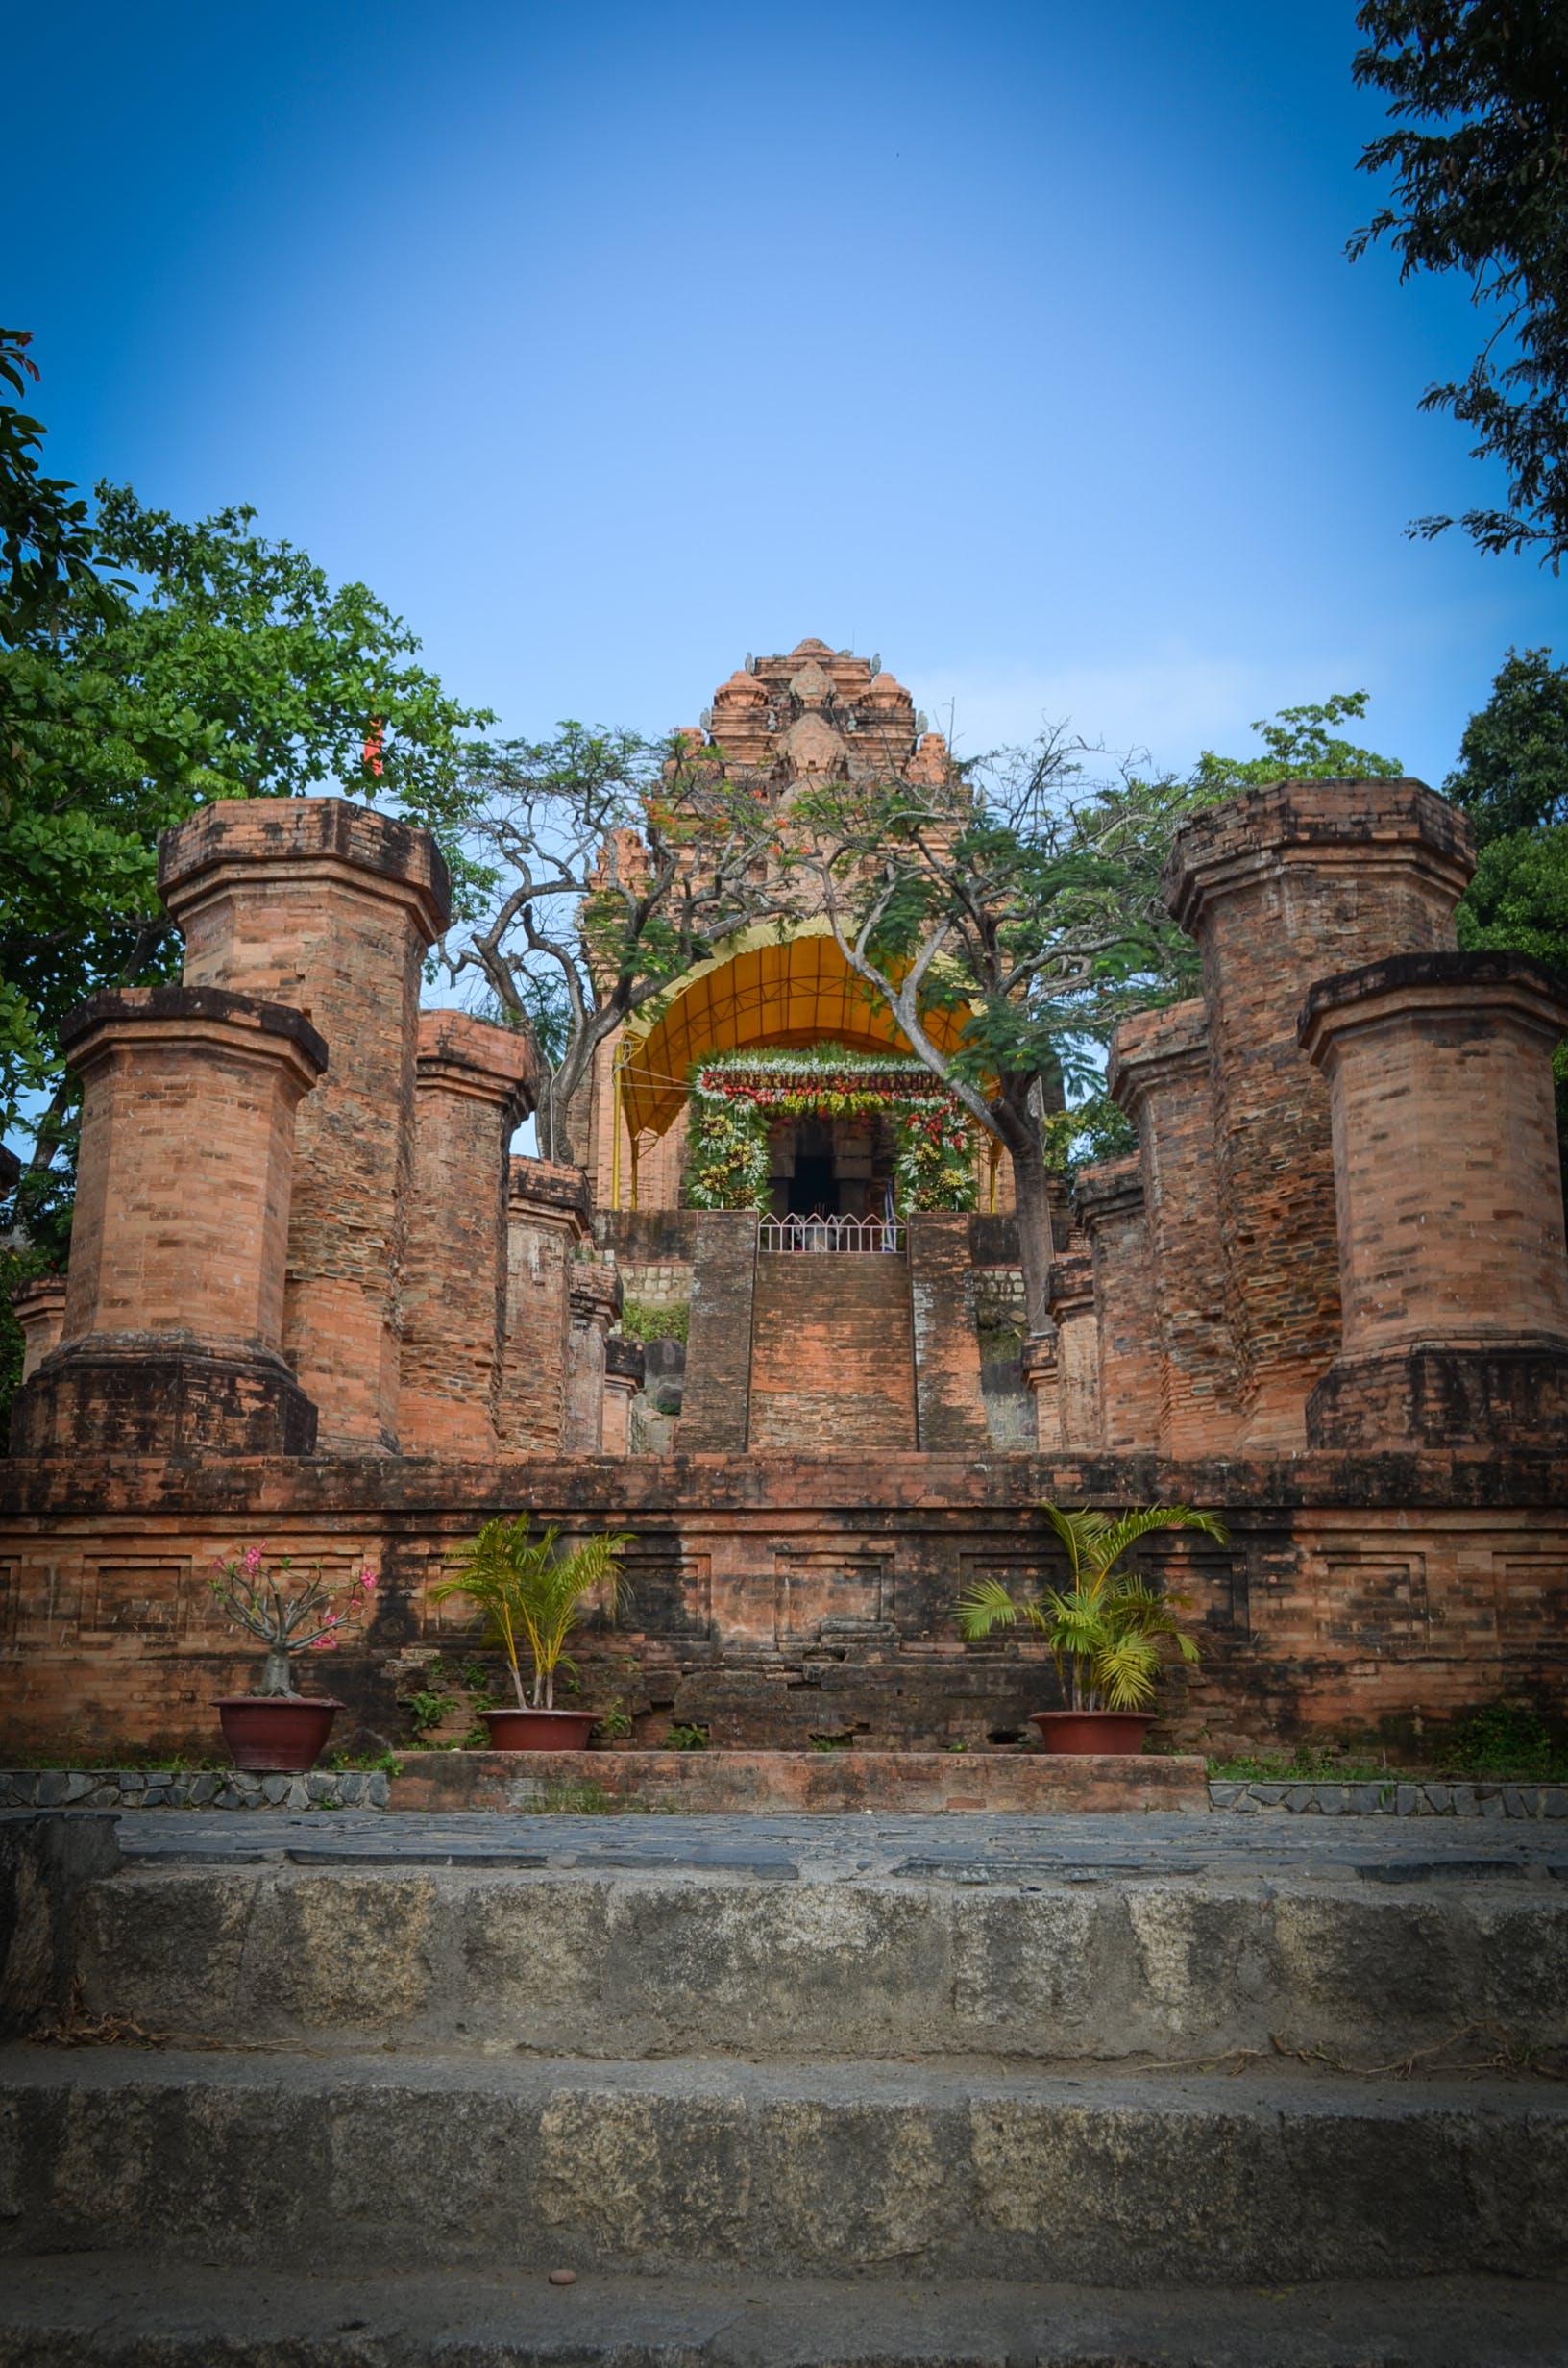 Free stock photo of Nha Trang, Champa